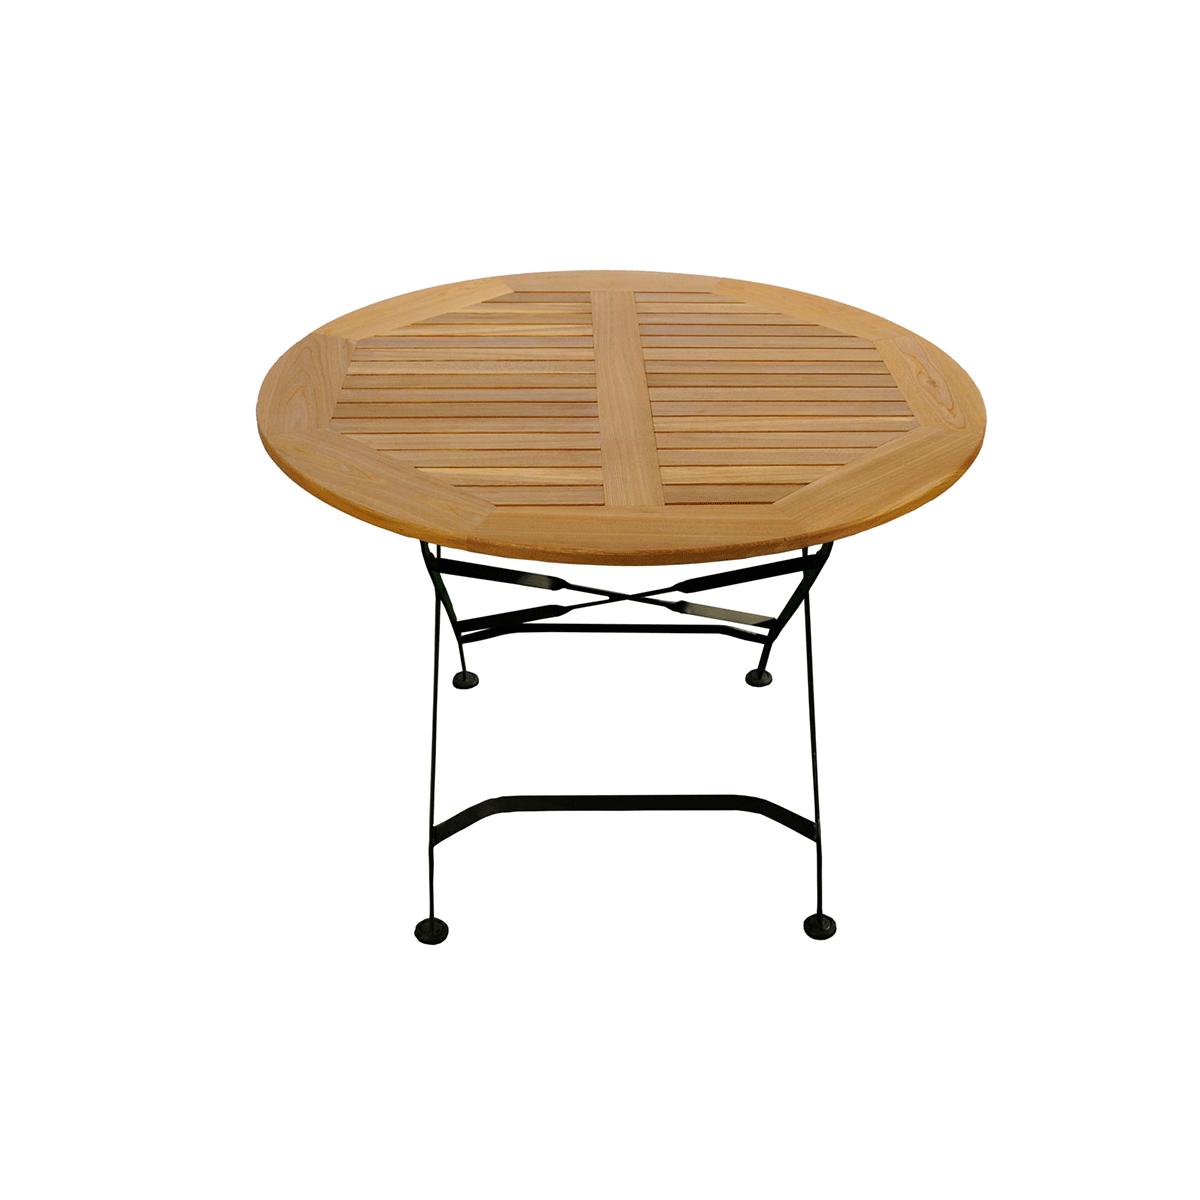 classic gartentisch rund. Black Bedroom Furniture Sets. Home Design Ideas